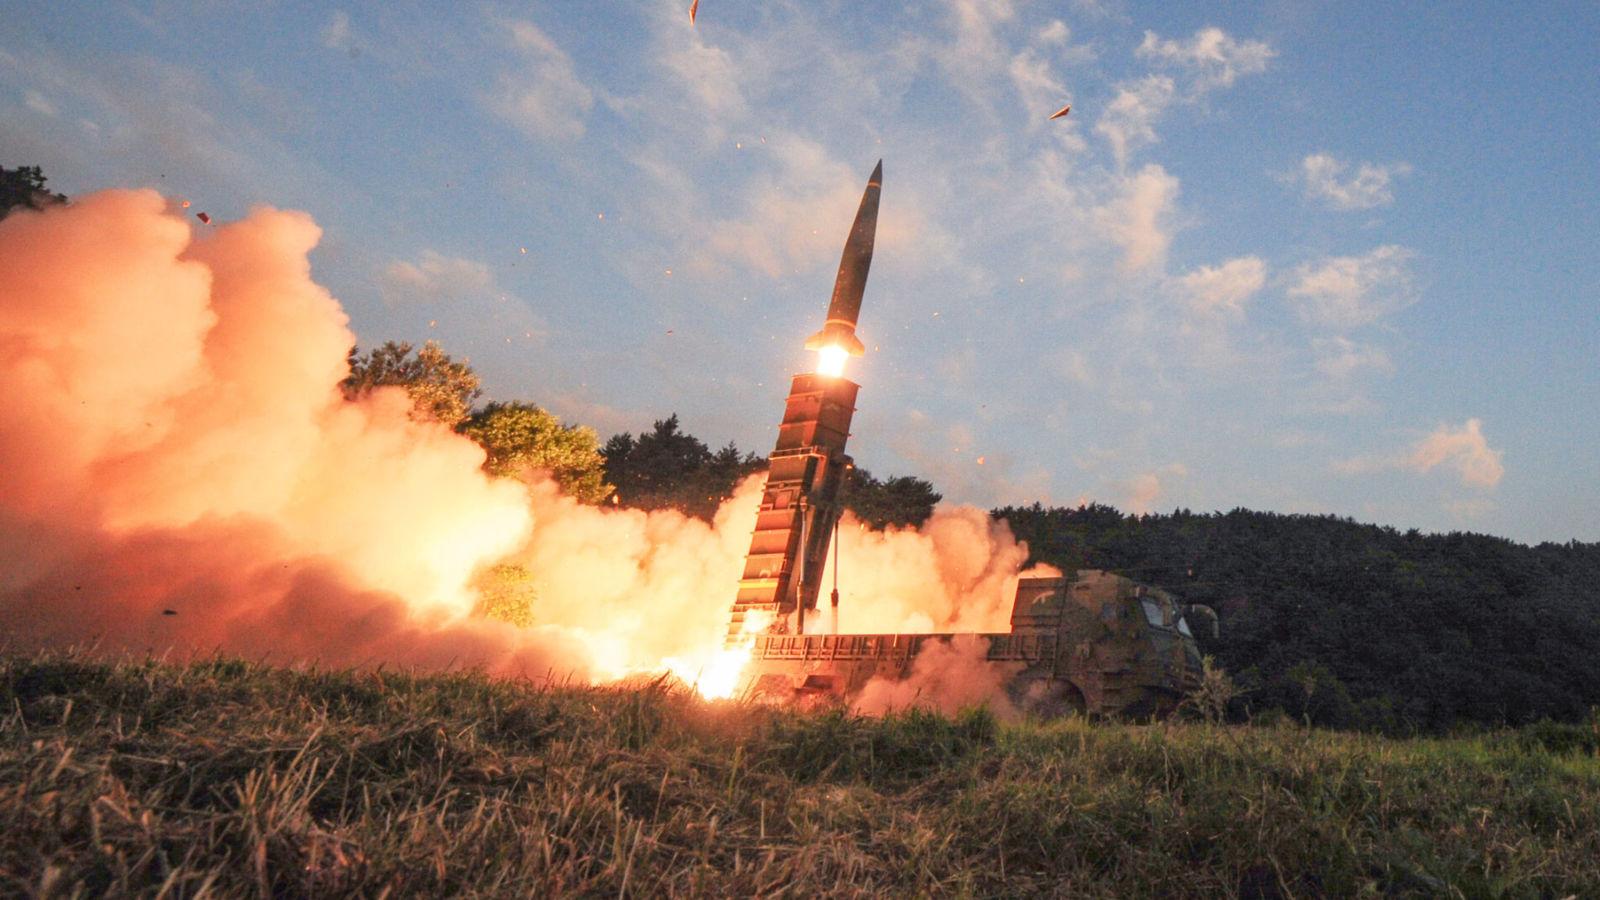 La Corée du Sud a exercé des exercices de missiles dans le sillage du test nucléaire de son voisin